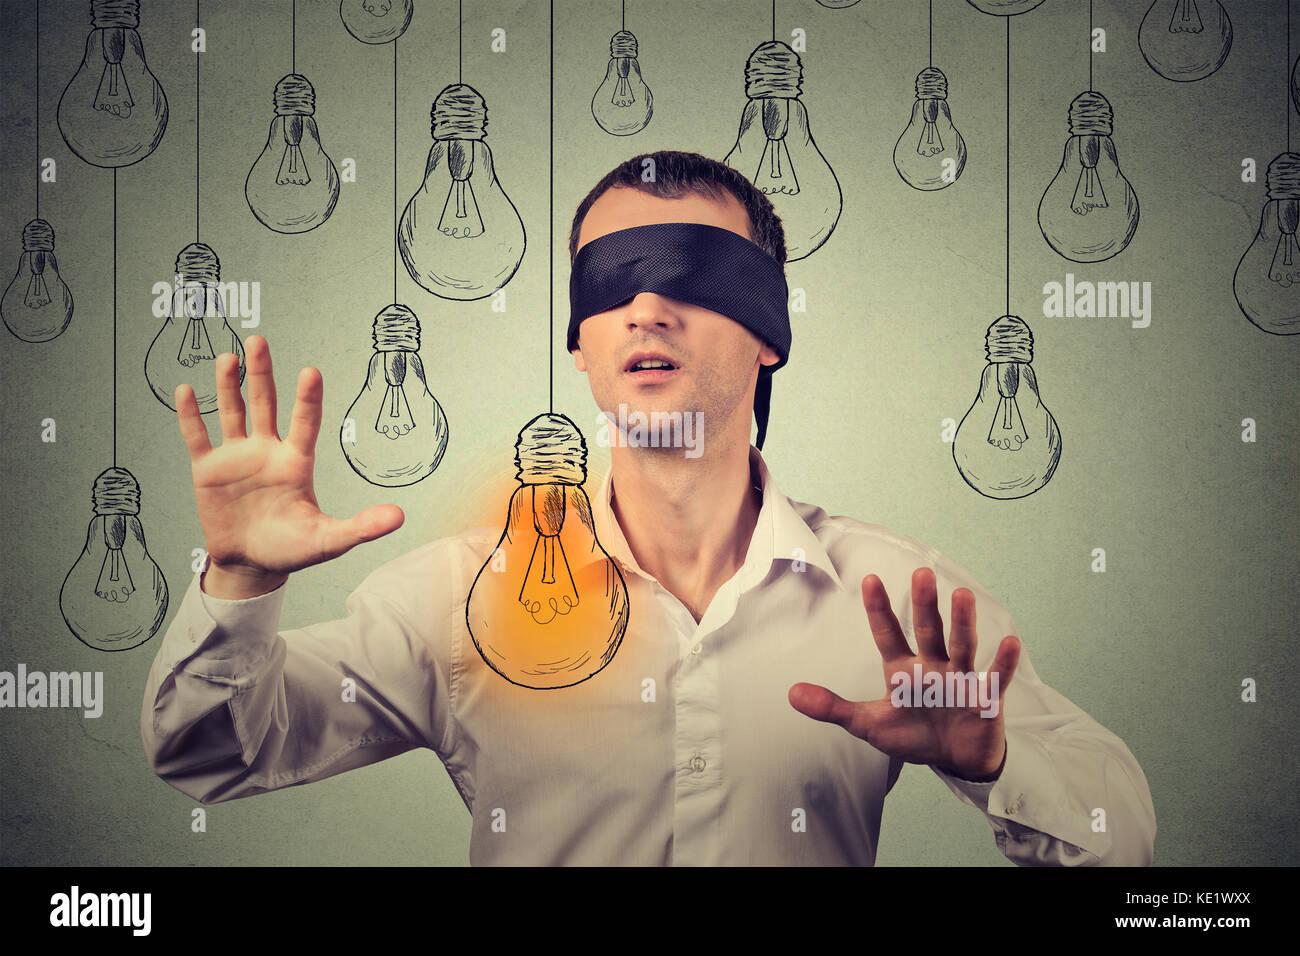 Gli occhi bendati giovane uomo a piedi attraverso le lampadine alla ricerca per la brillante idea Immagini Stock